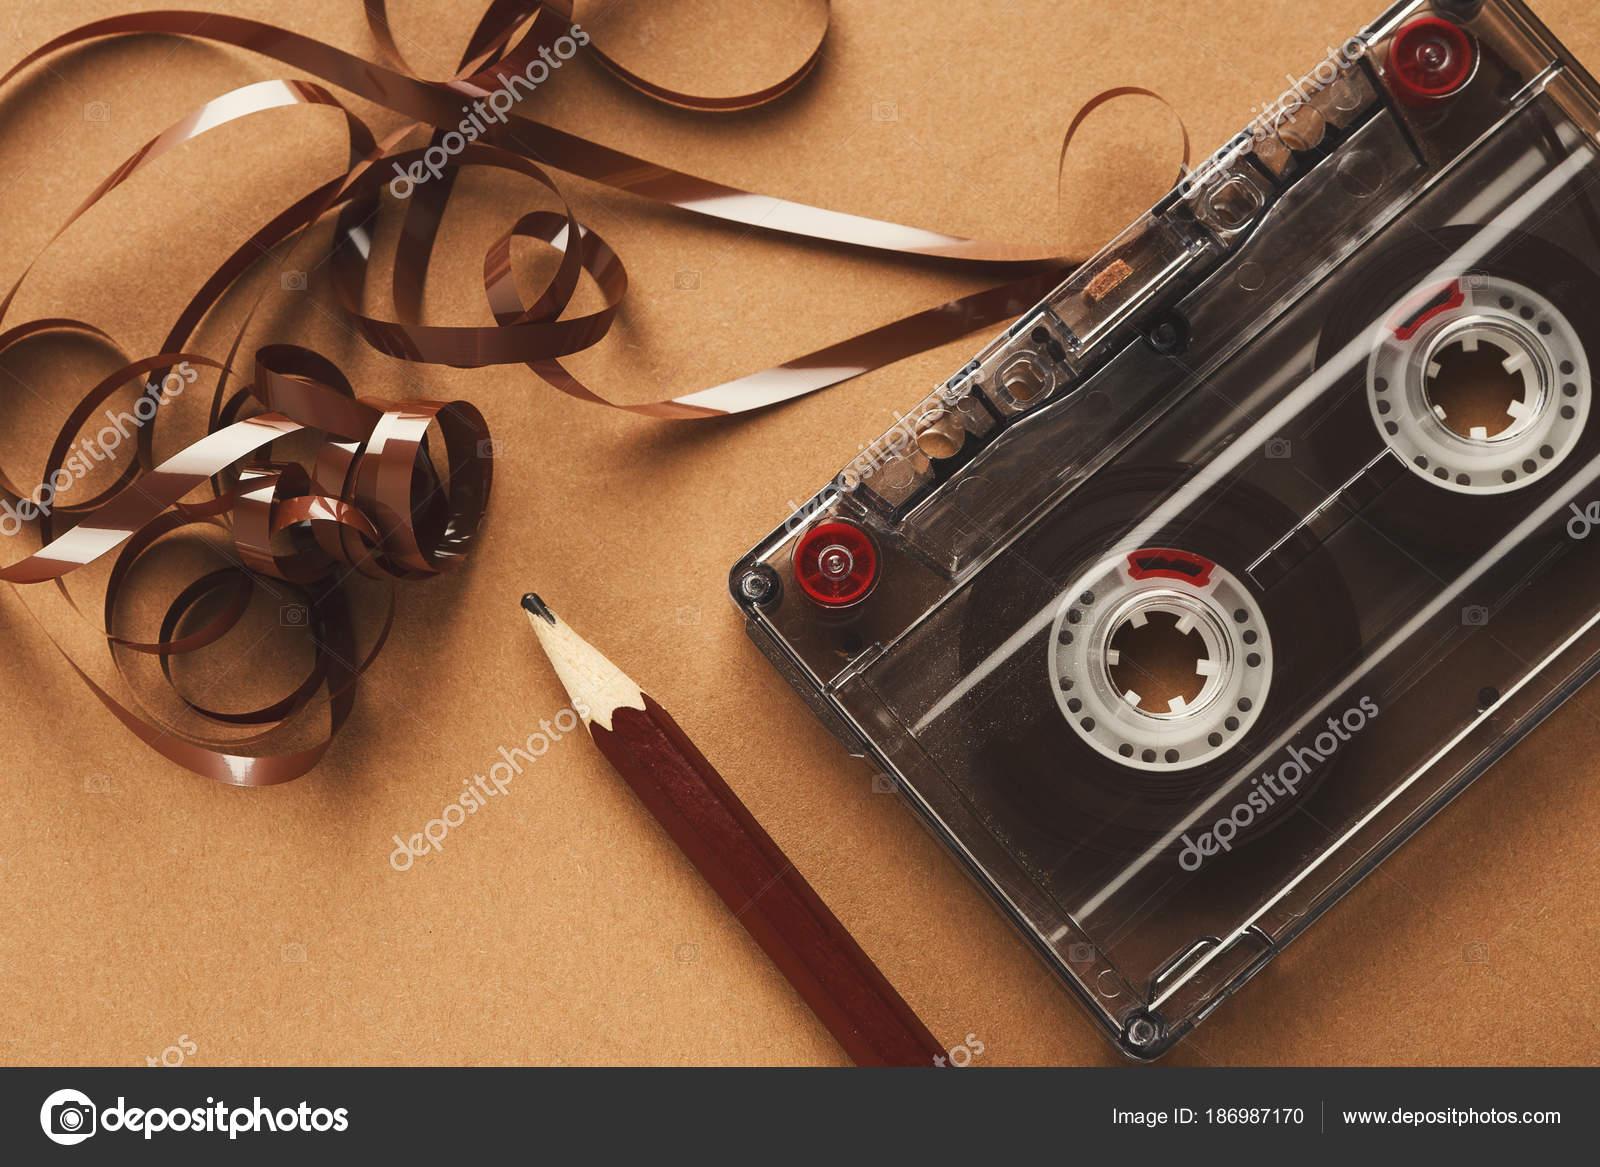 Перемотка кассеты карандашом видео джеки чан и у смит в фильме